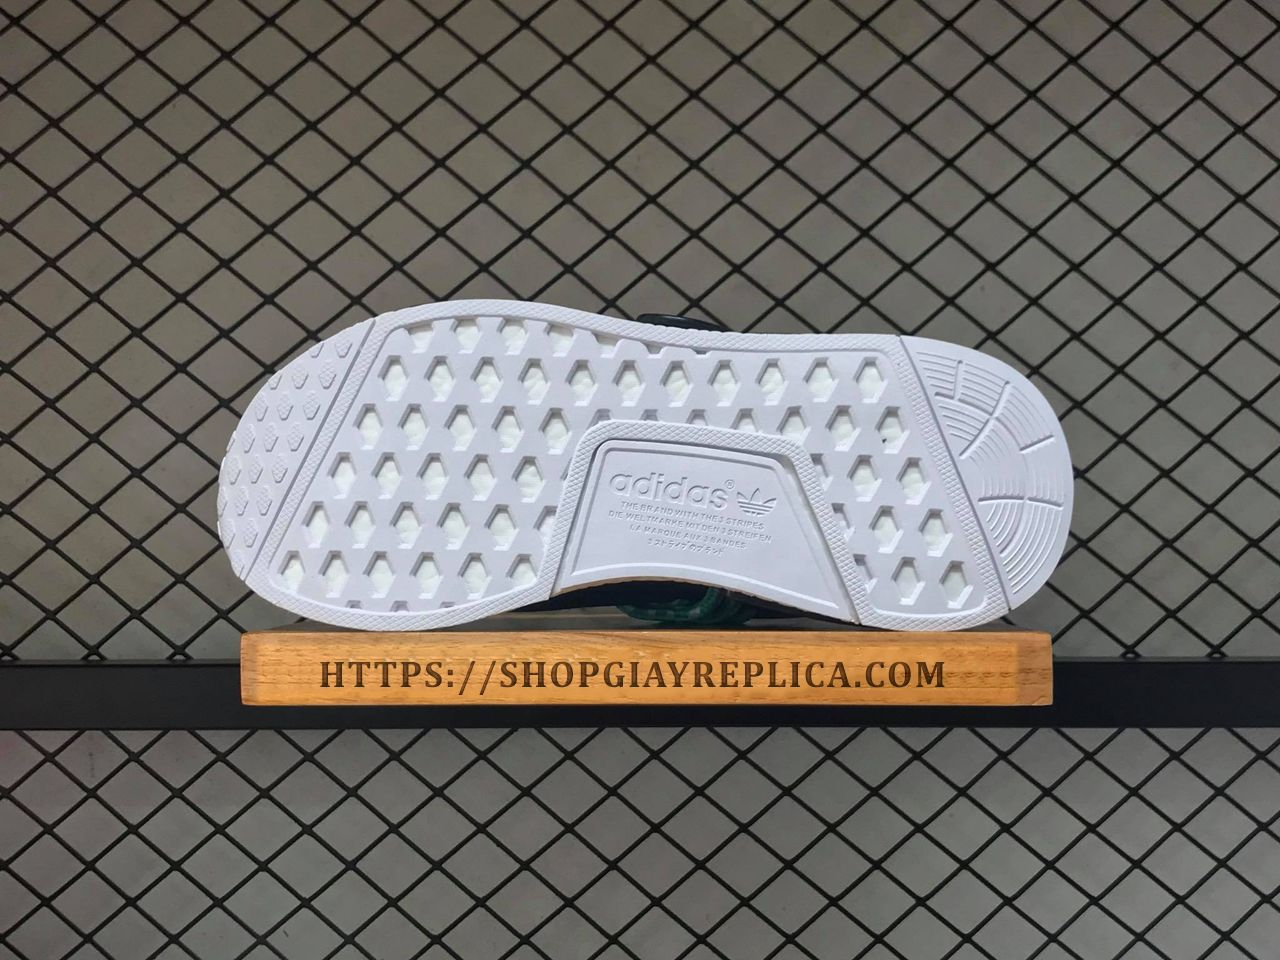 7 Hàng mới về  Giày Adidas Human Race mẫu mới về tuyệt đẹp - Shop giày Replica